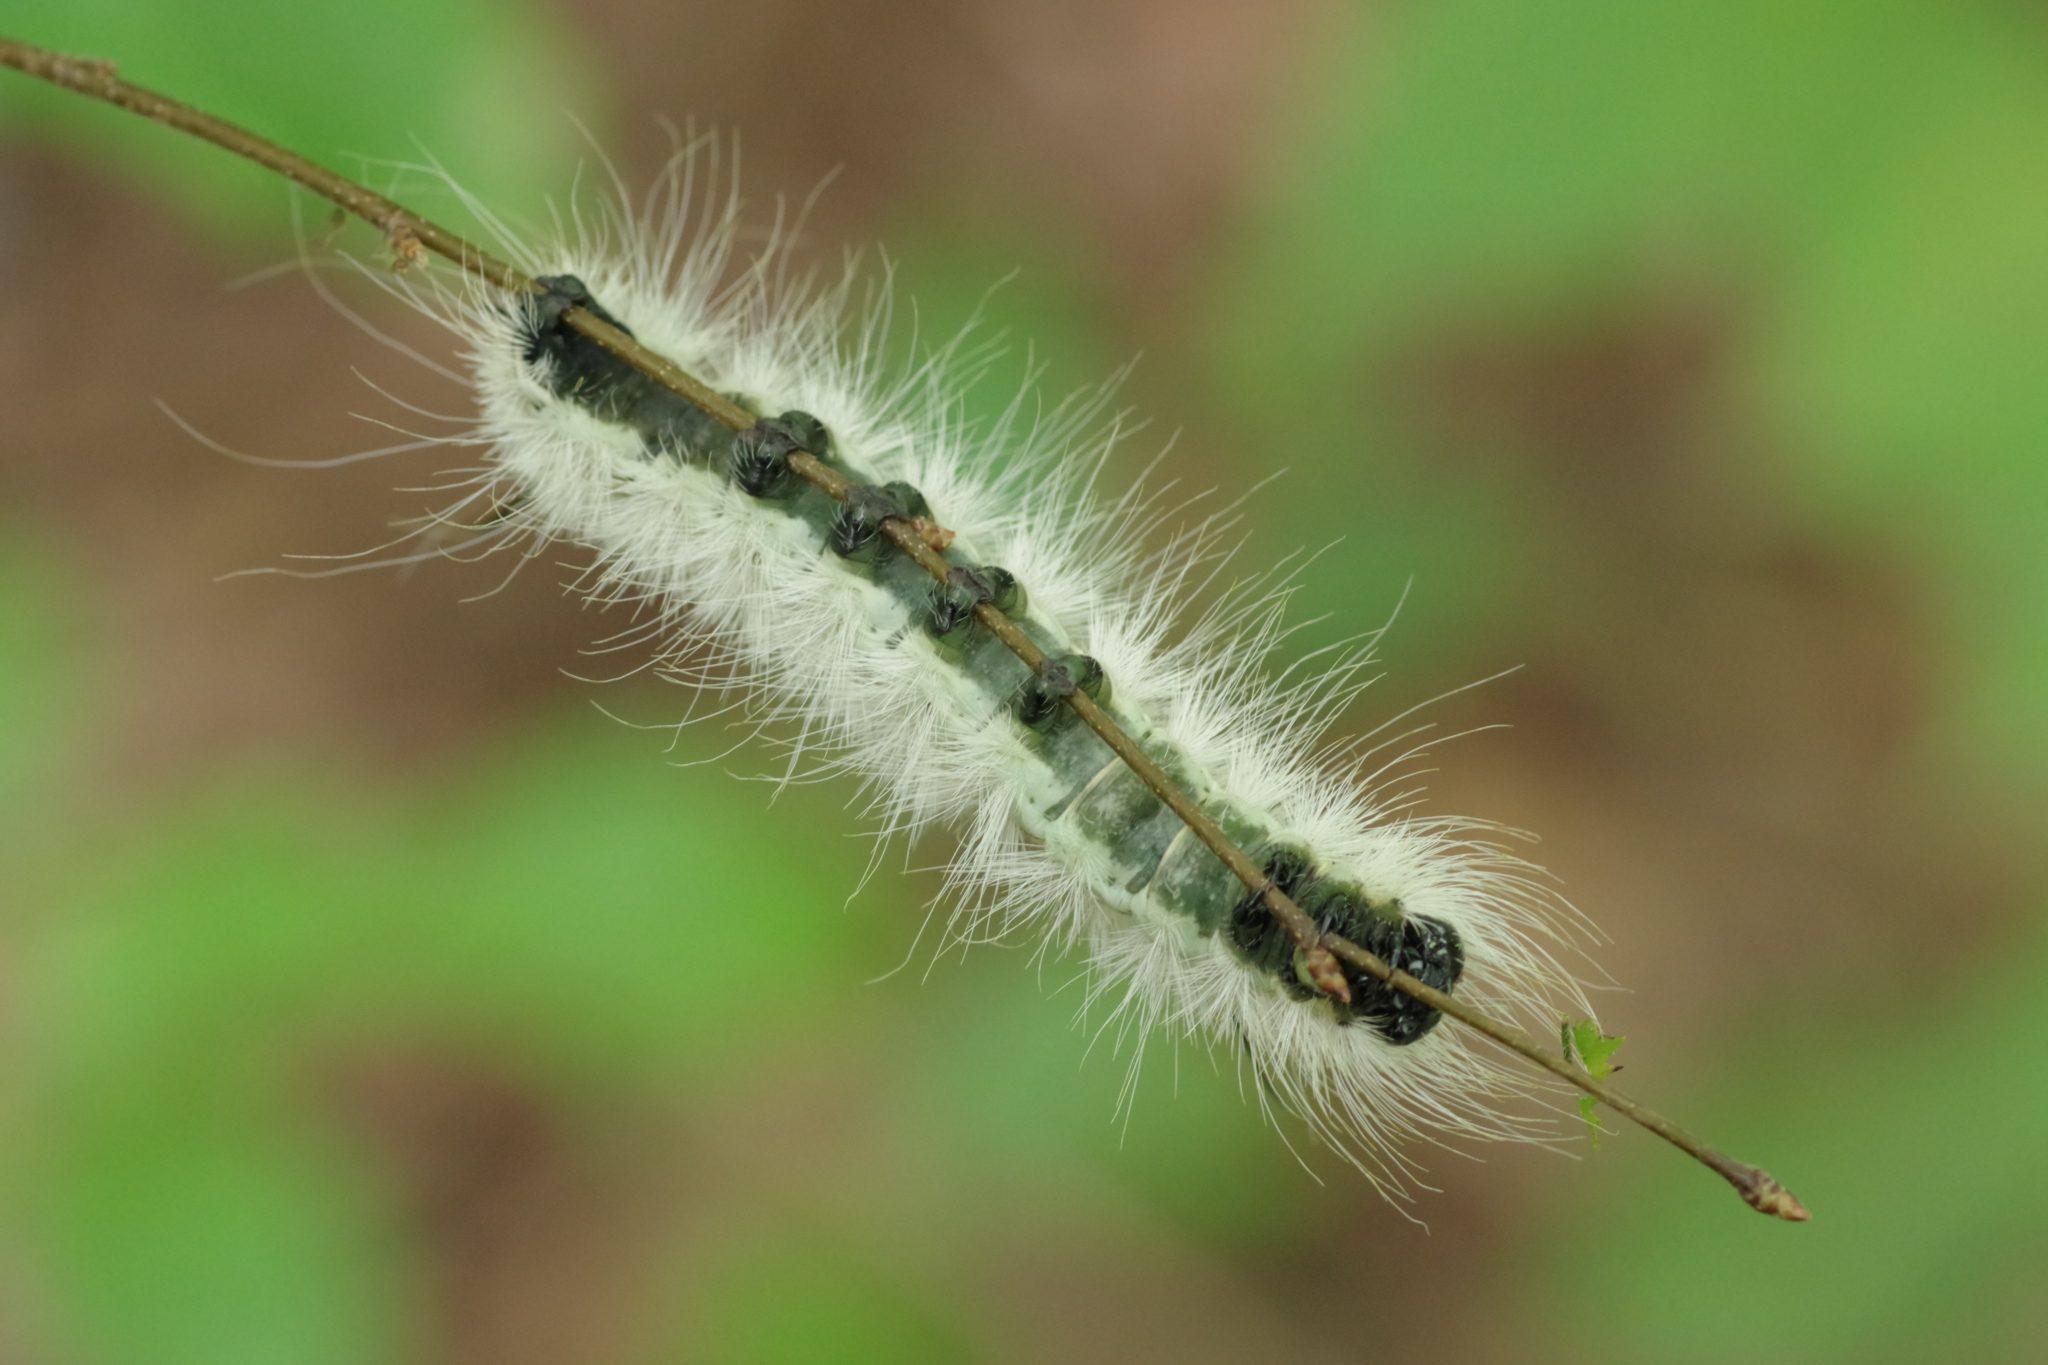 Close up of a caterpillar